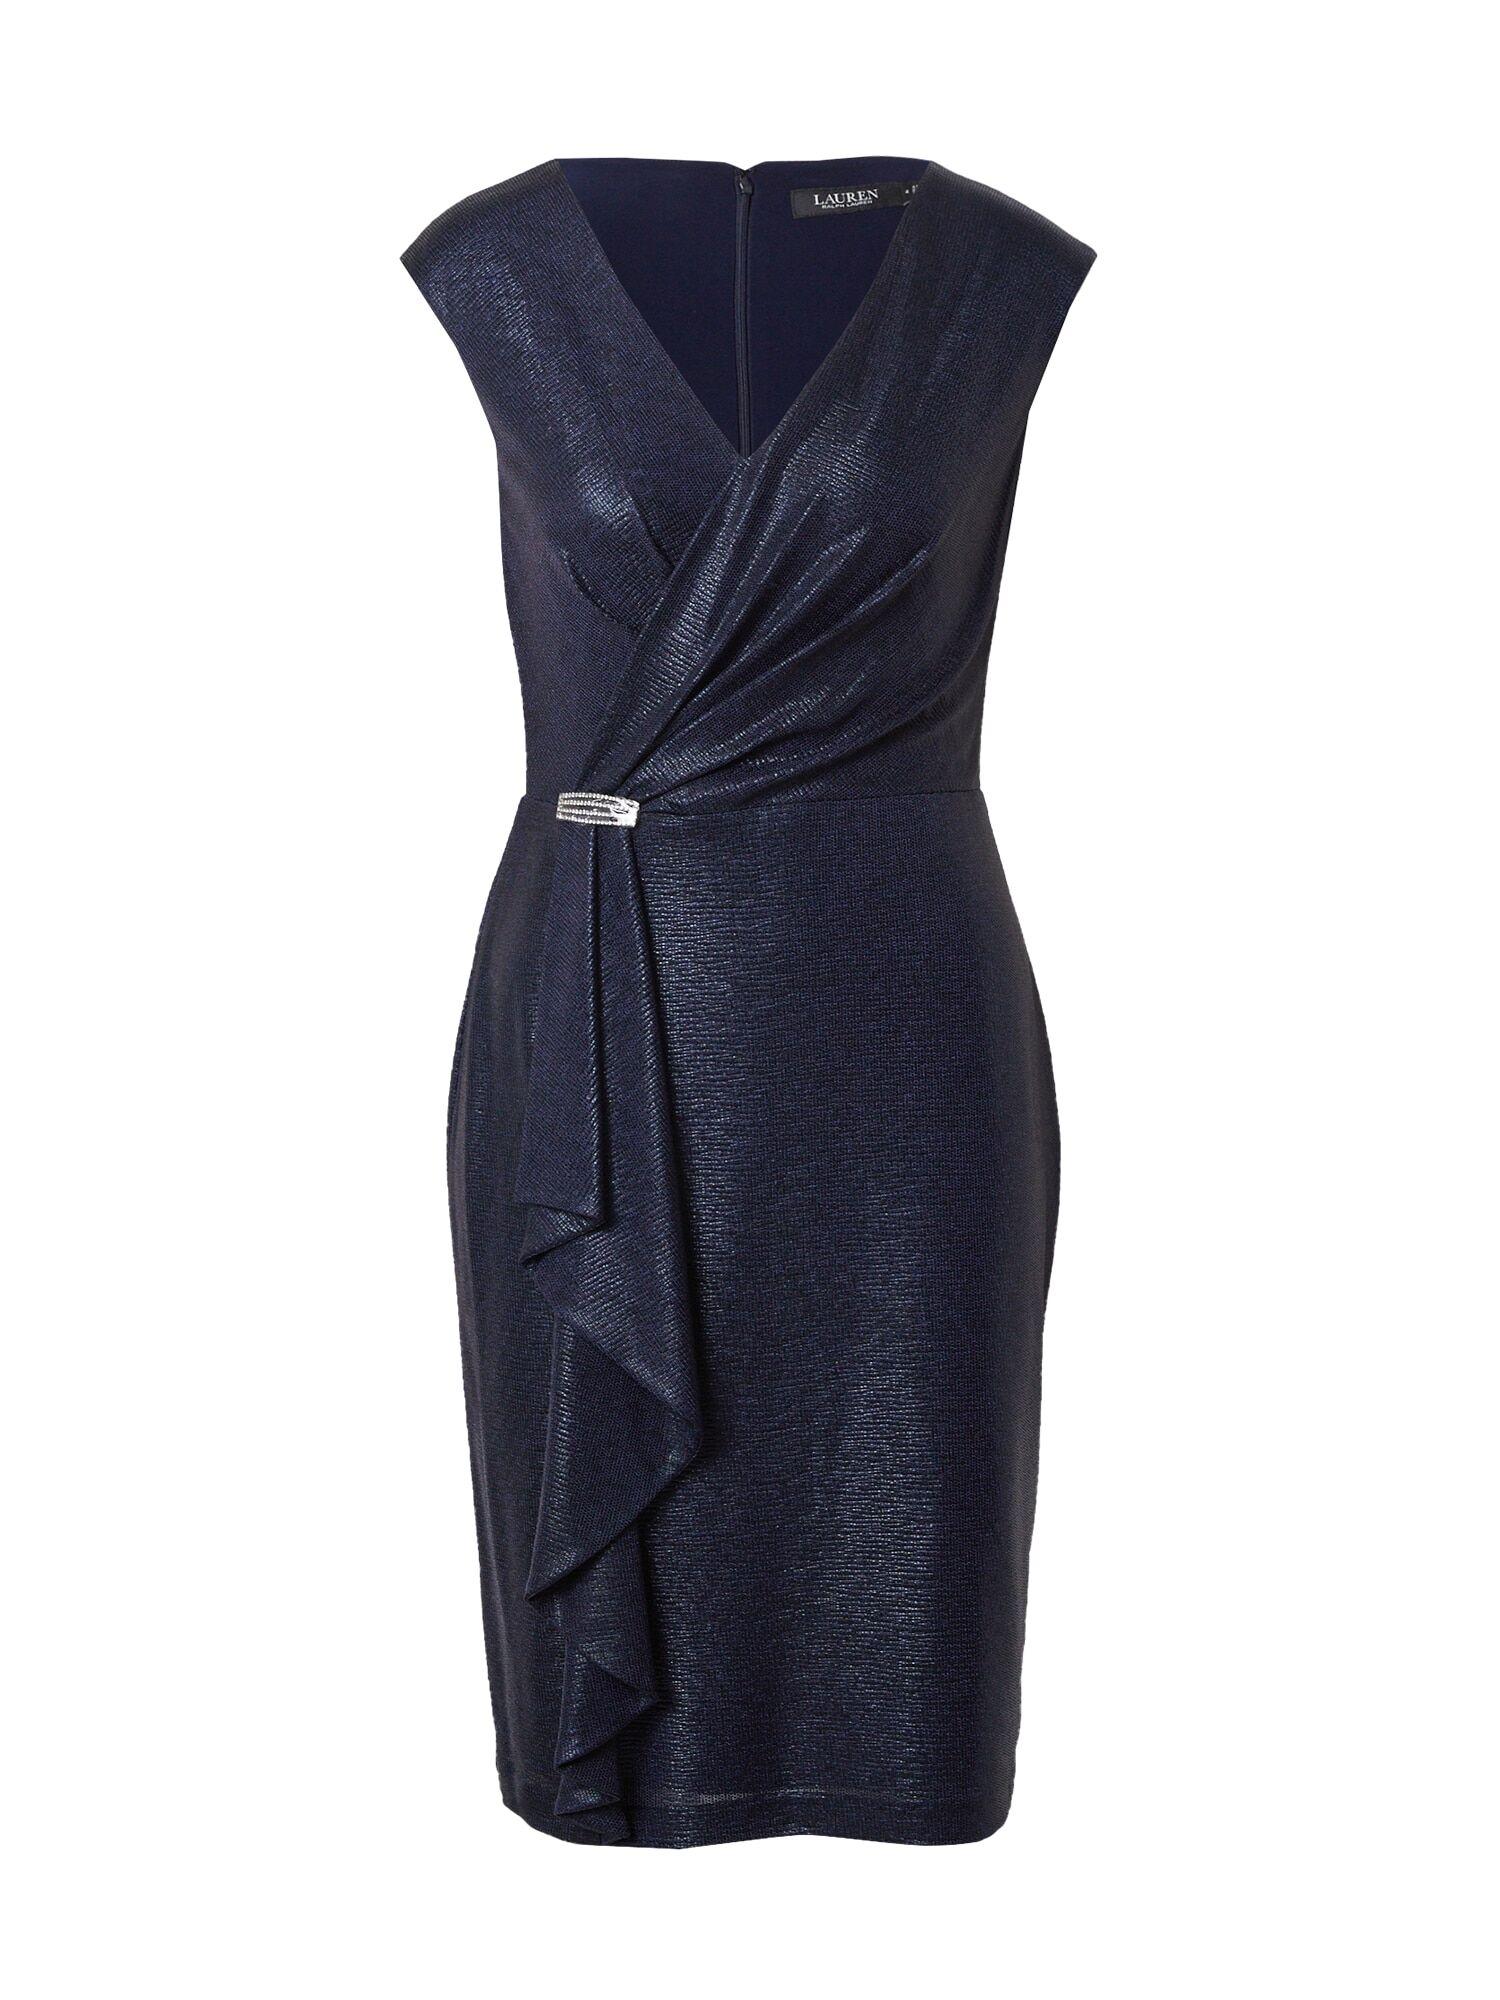 Lauren Ralph Lauren Robe de cocktail 'RYDER'  - Bleu - Taille: 34 - female